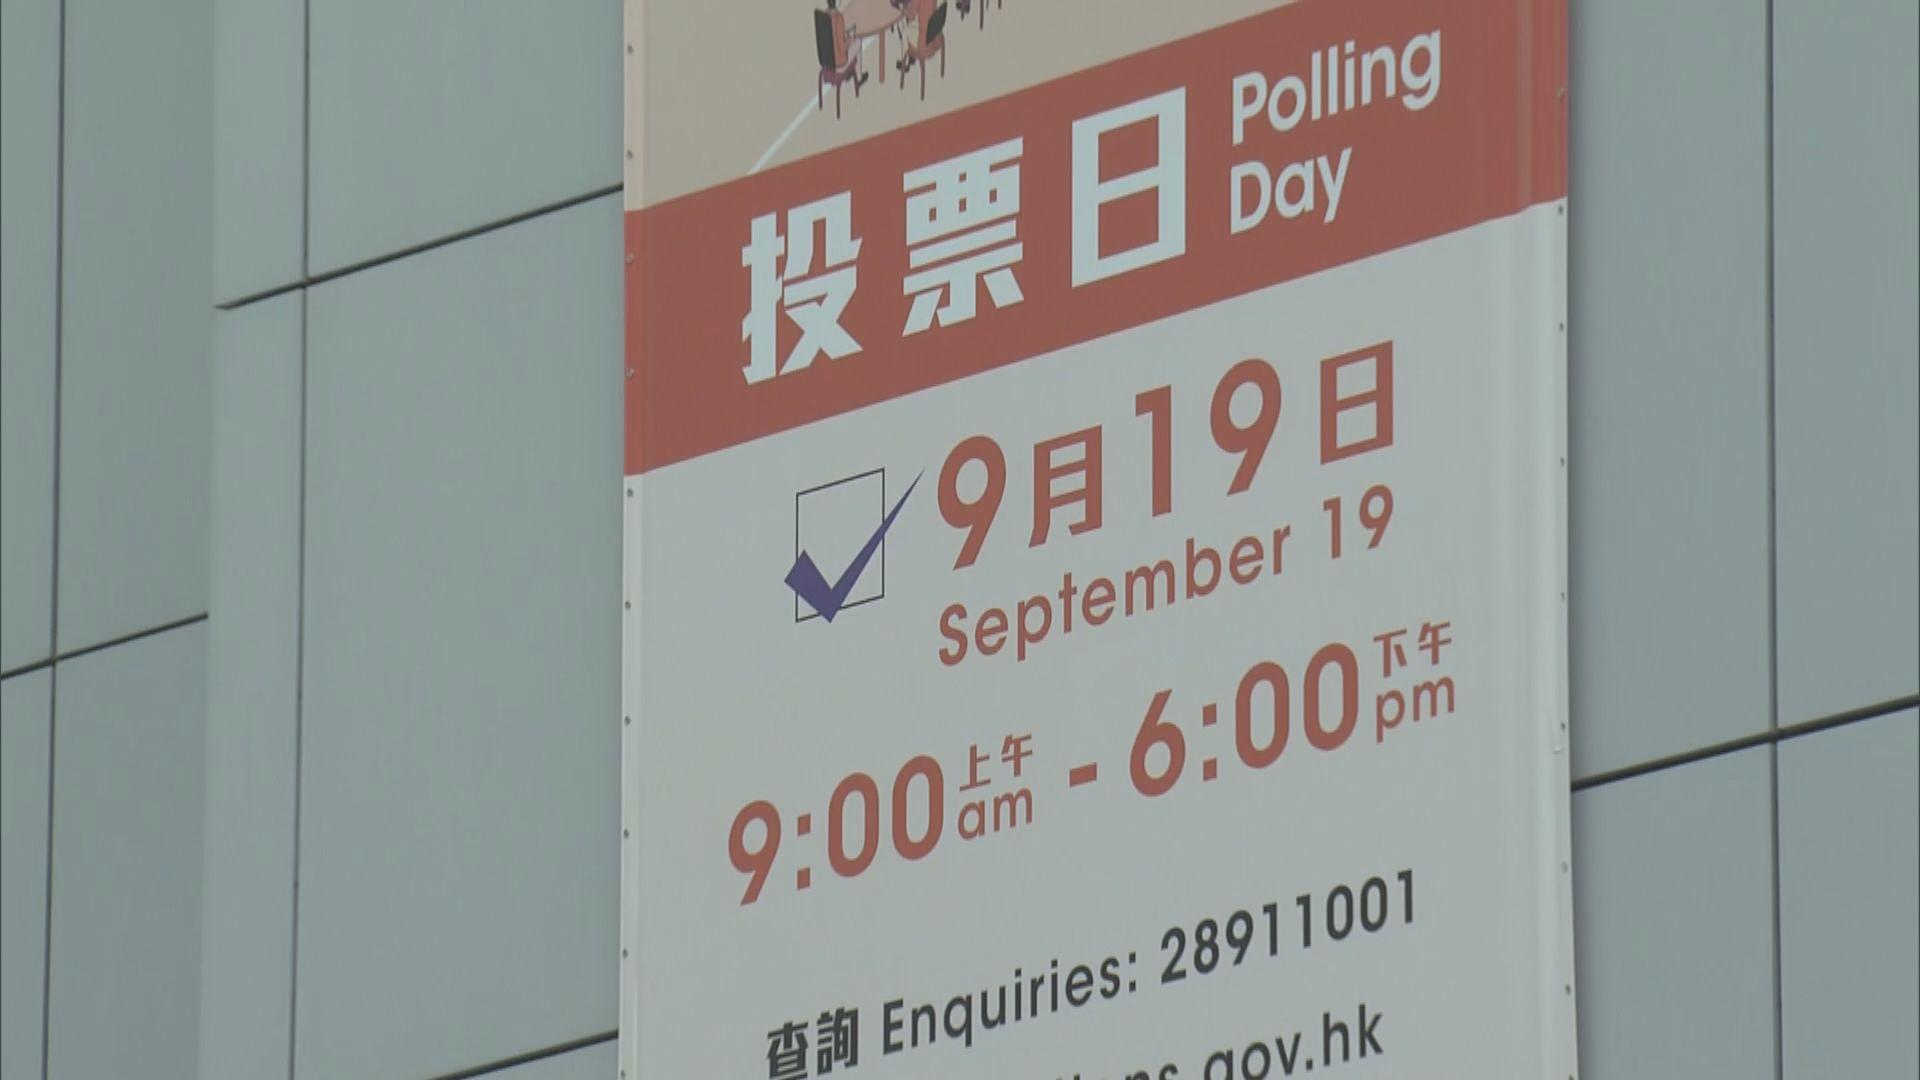 【附相關名單】選委會選舉周日舉行 5個一般票站朝9晚6投票